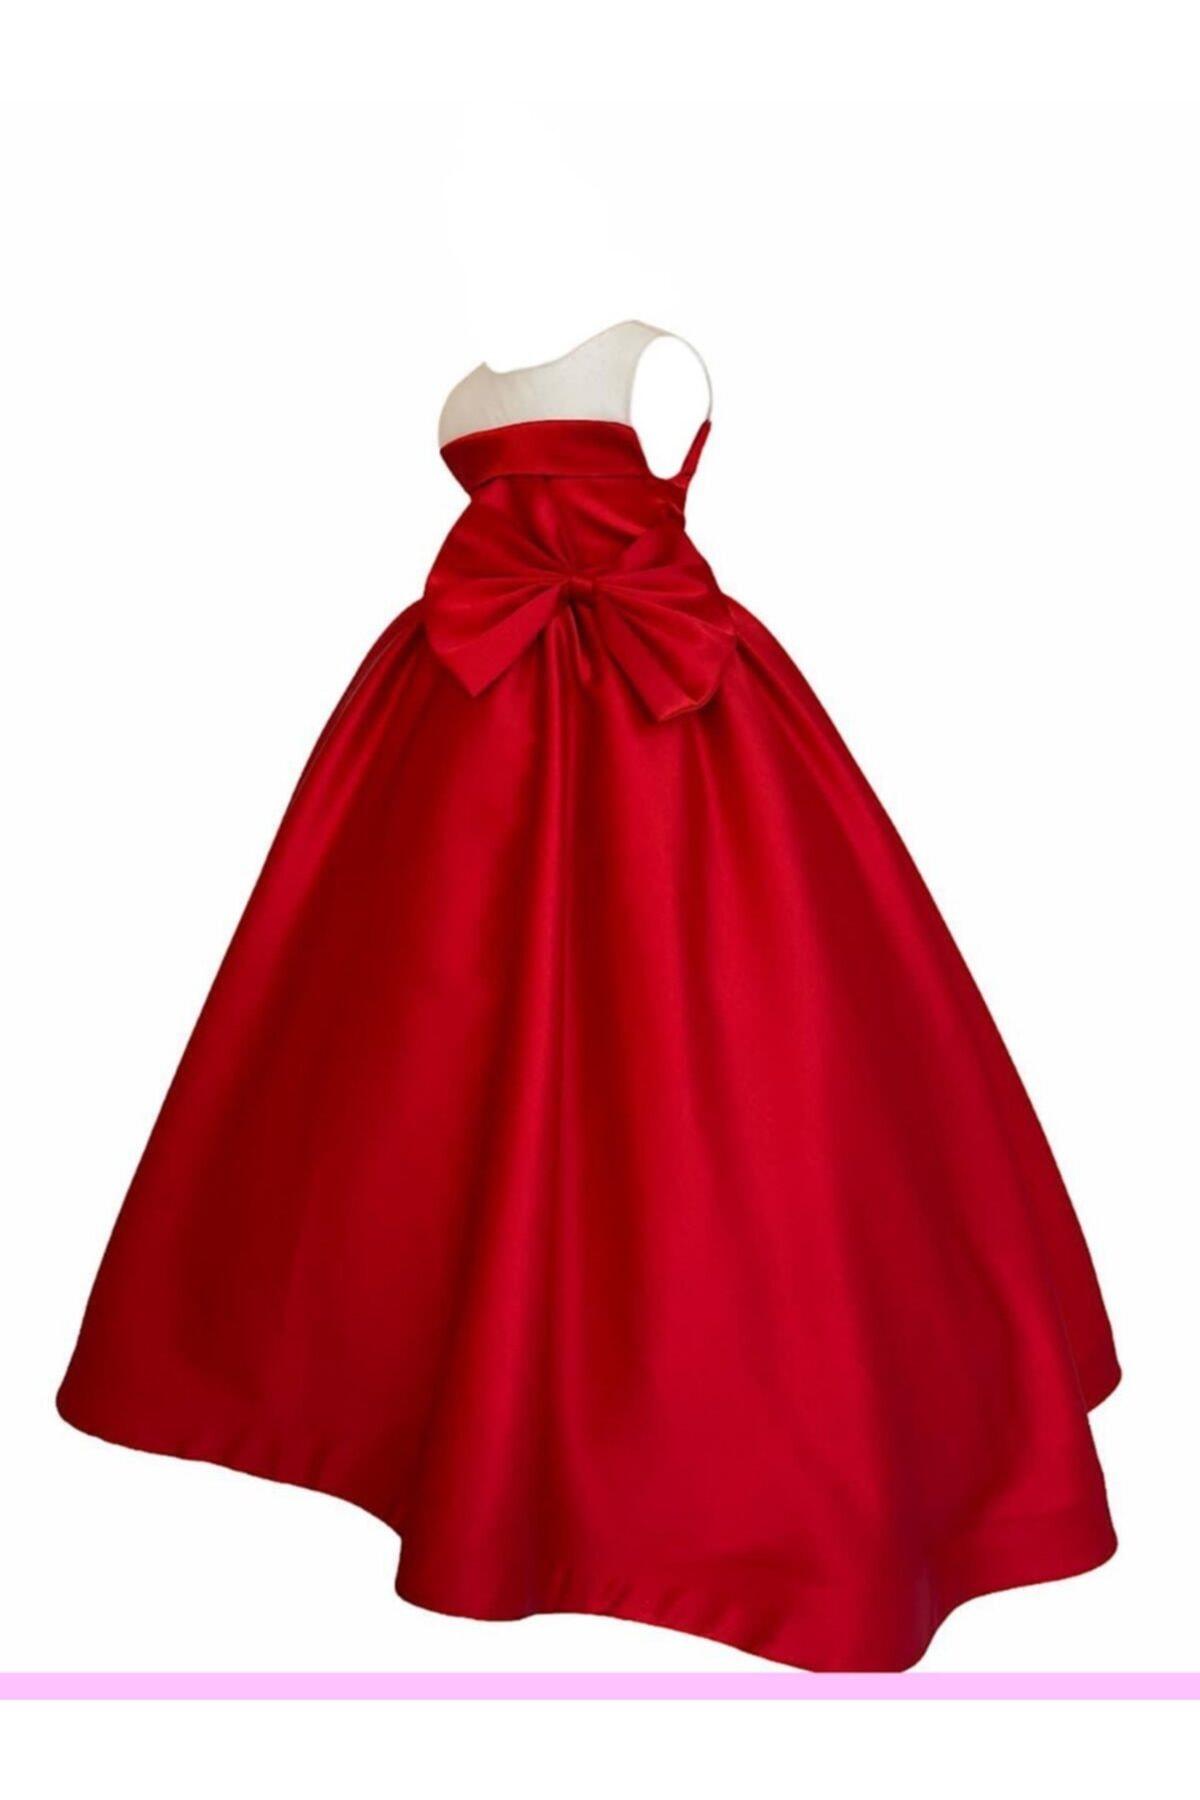 خرید انلاین لباس مجلسی زیبا دخترانه برند zühre balaban رنگ قرمز ty103646196